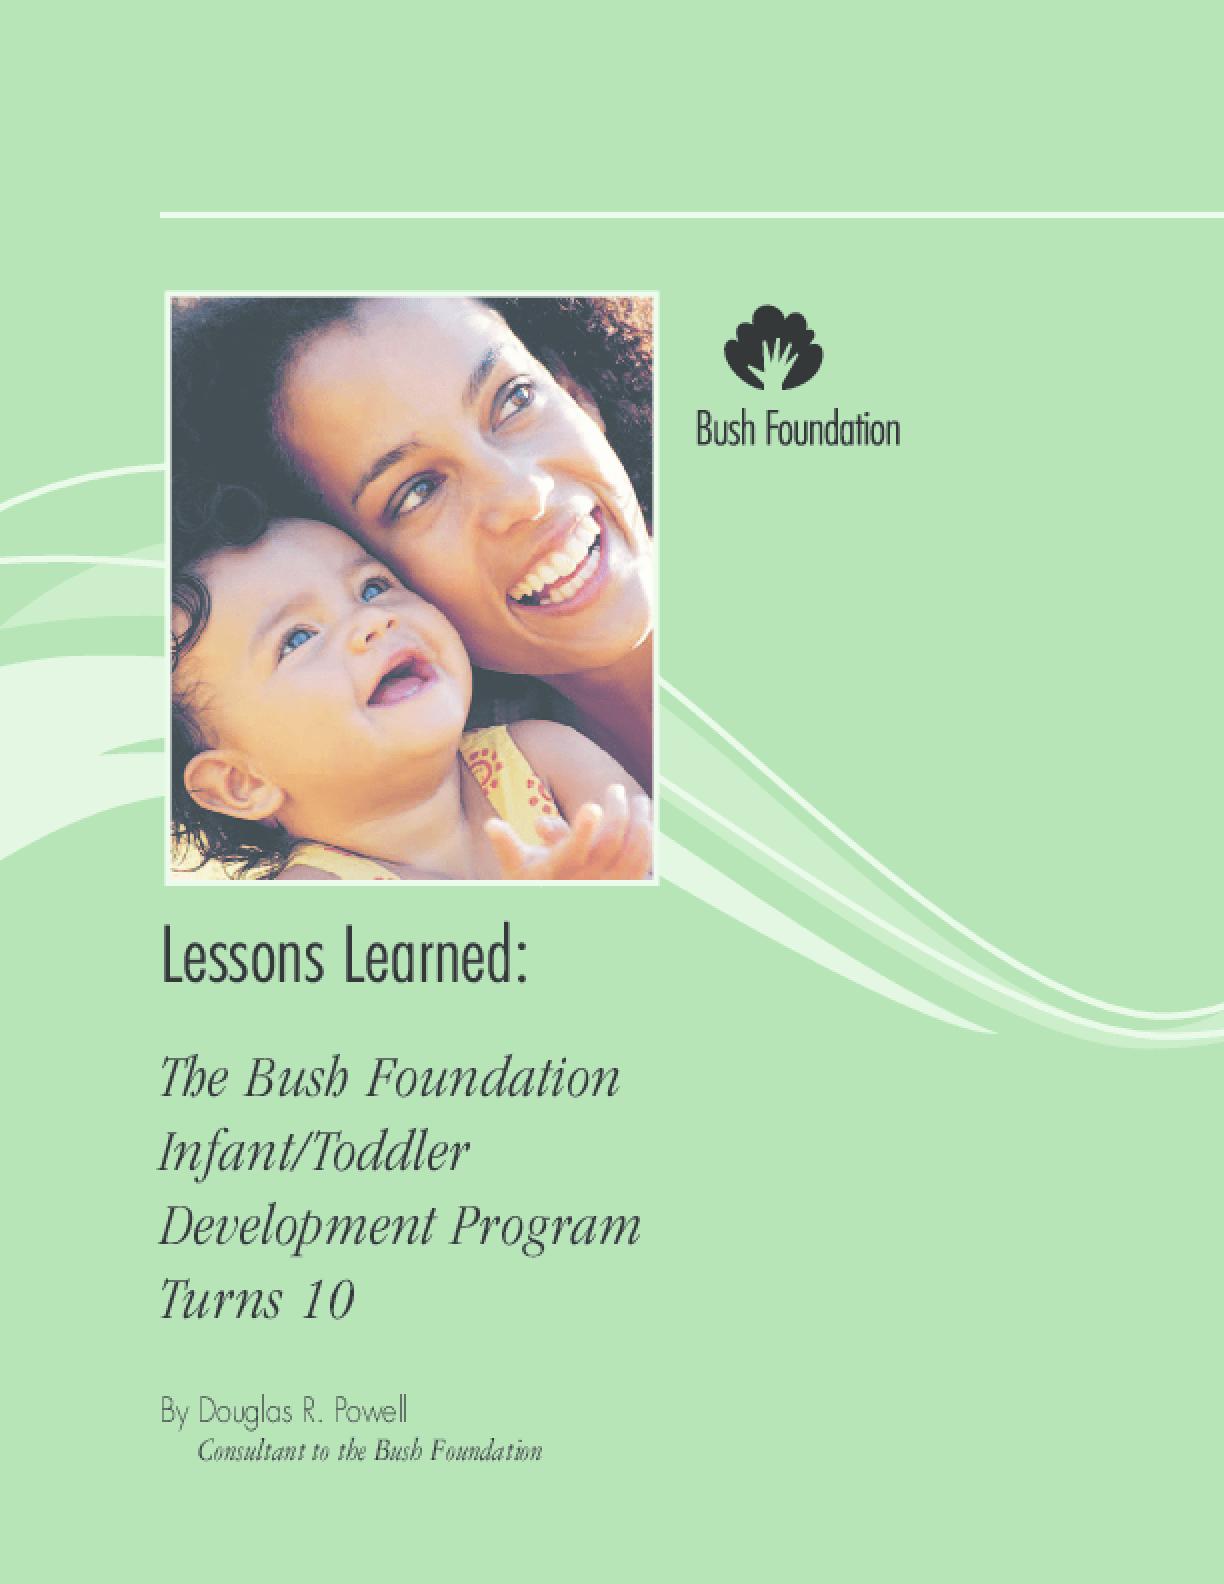 Lessons Learned: The Bush Foundation Infant Toddler Development Program Turns 10